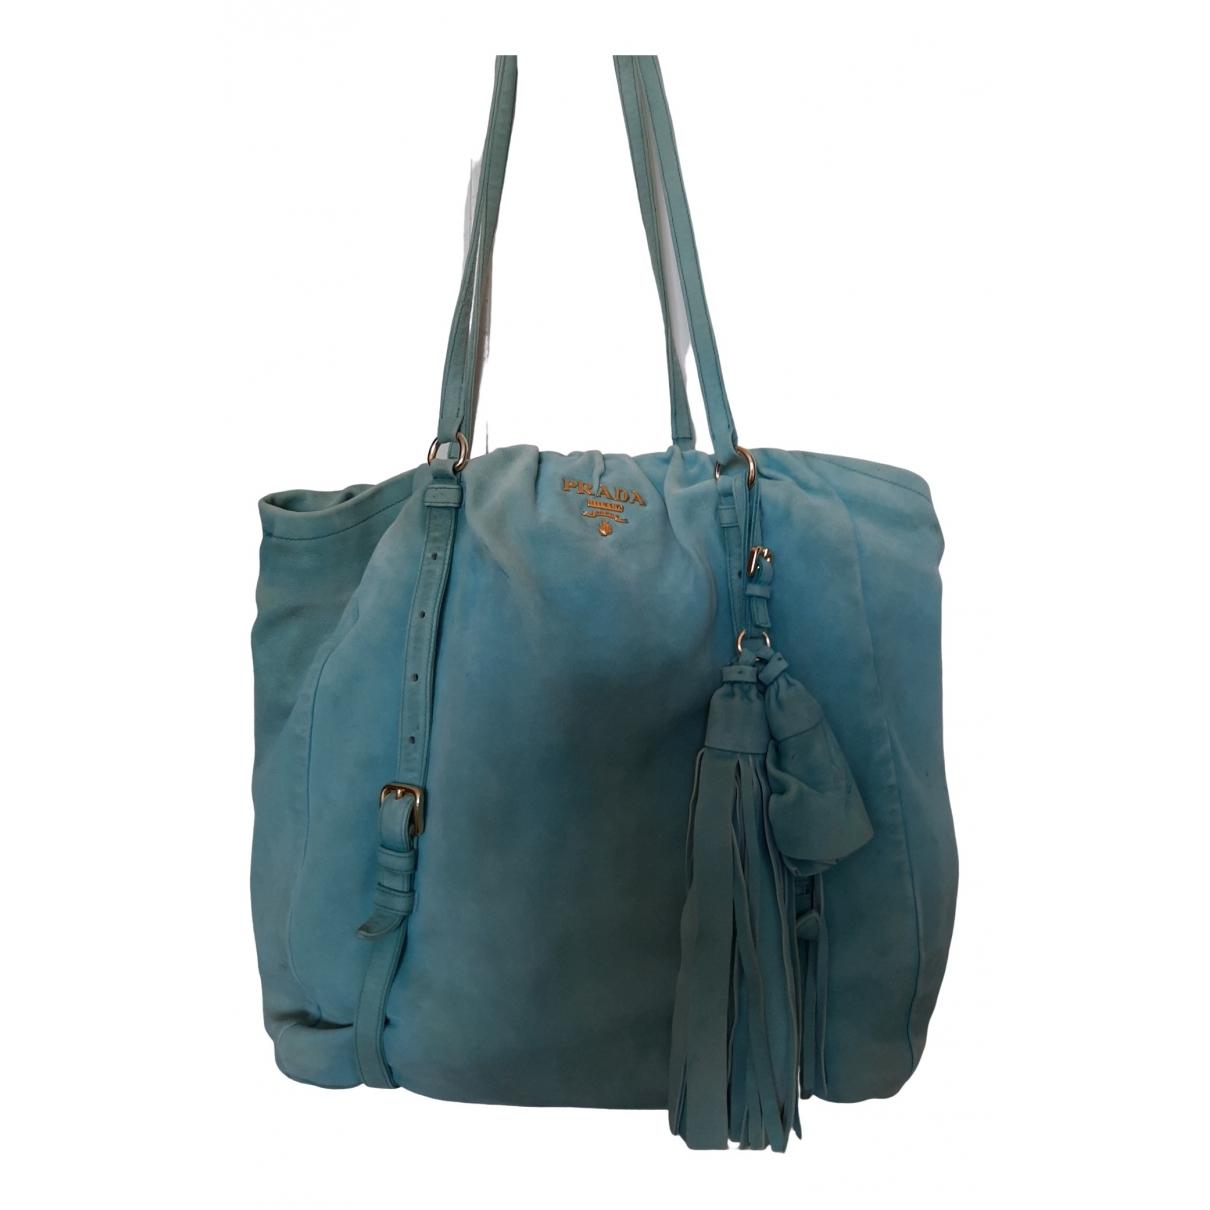 Prada \N Handtasche in  Tuerkis Leder